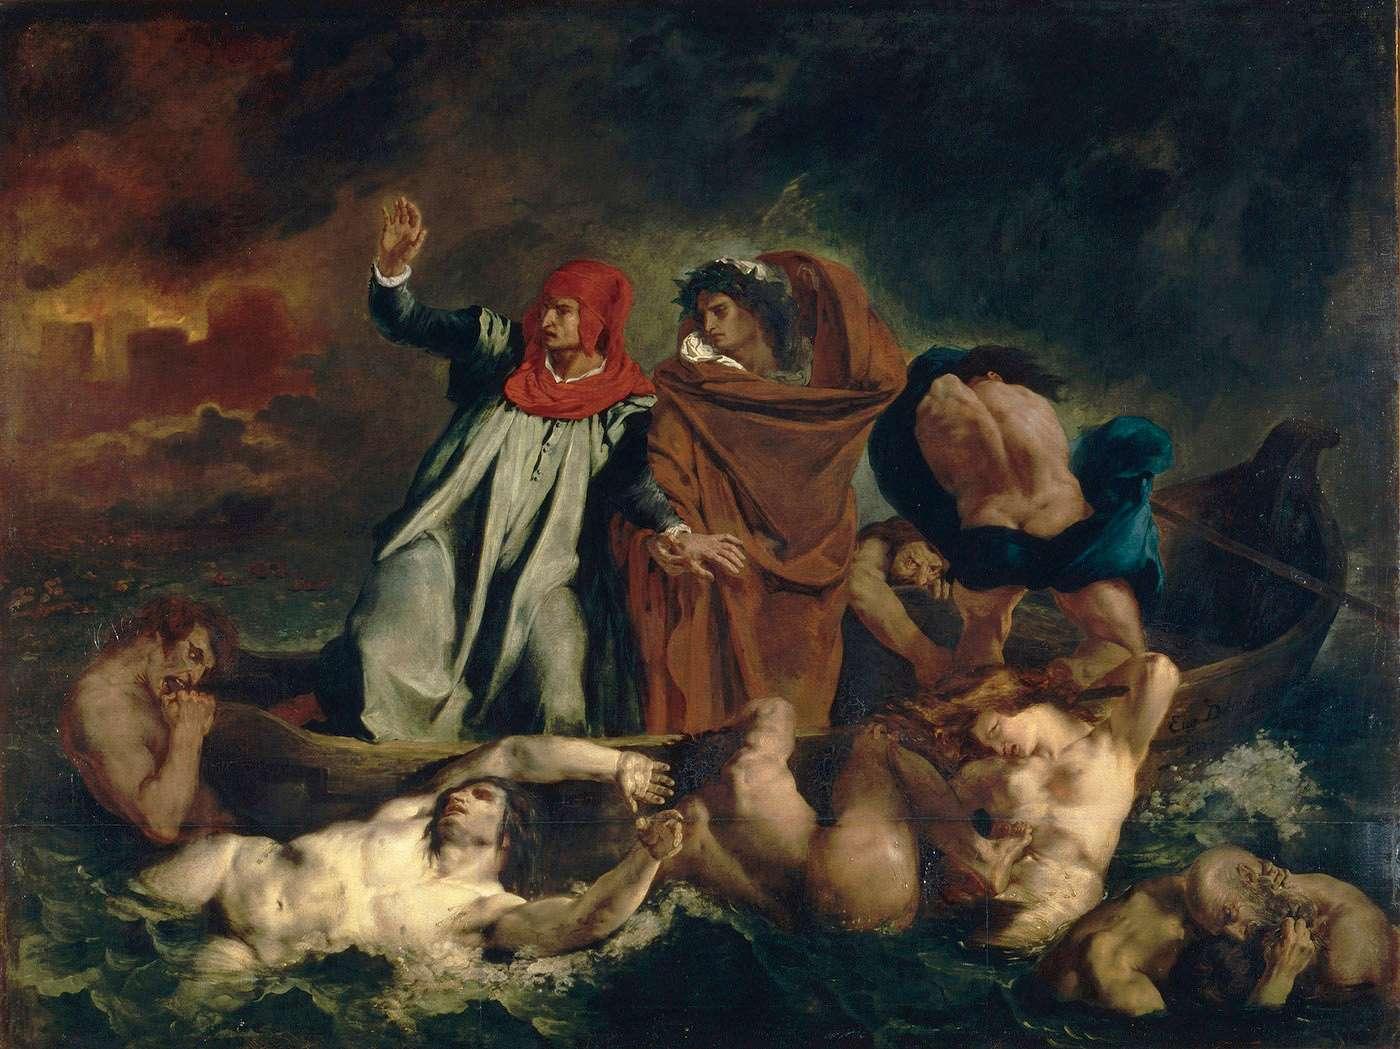 Delacroix exhibition at the Louvre